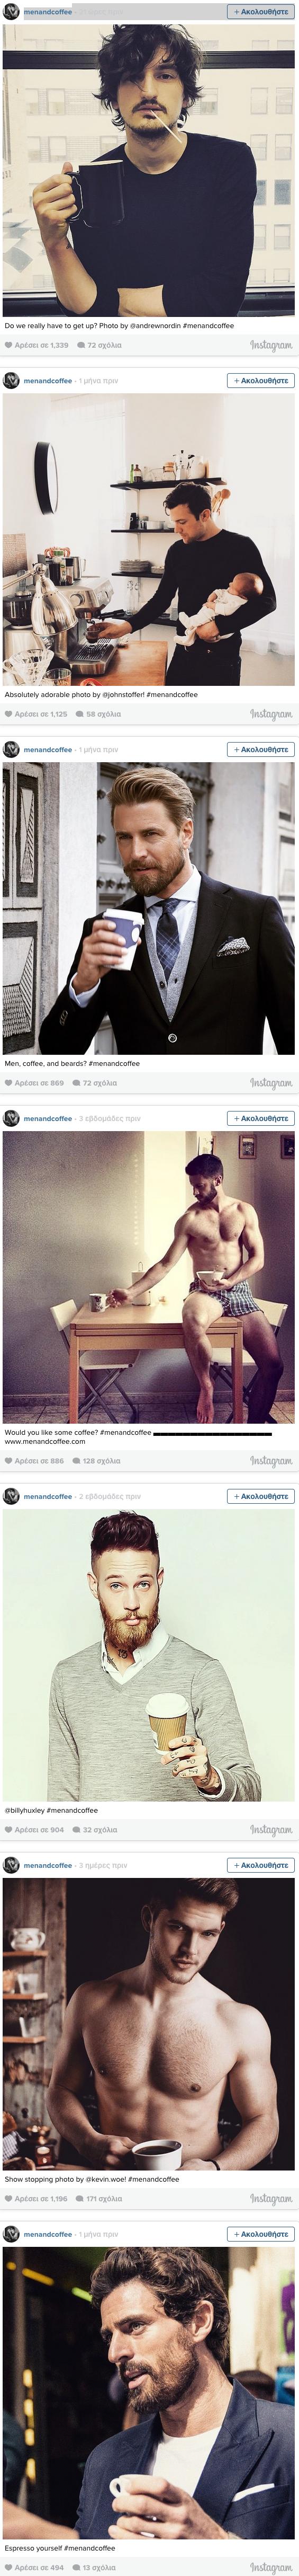 Ο λογαριασμός στο Instagram που είναι αφιερωμένος σε άντρες που απολαμβάνουν τον καφέ τους και έχει τρελάνει τις γυναίκες